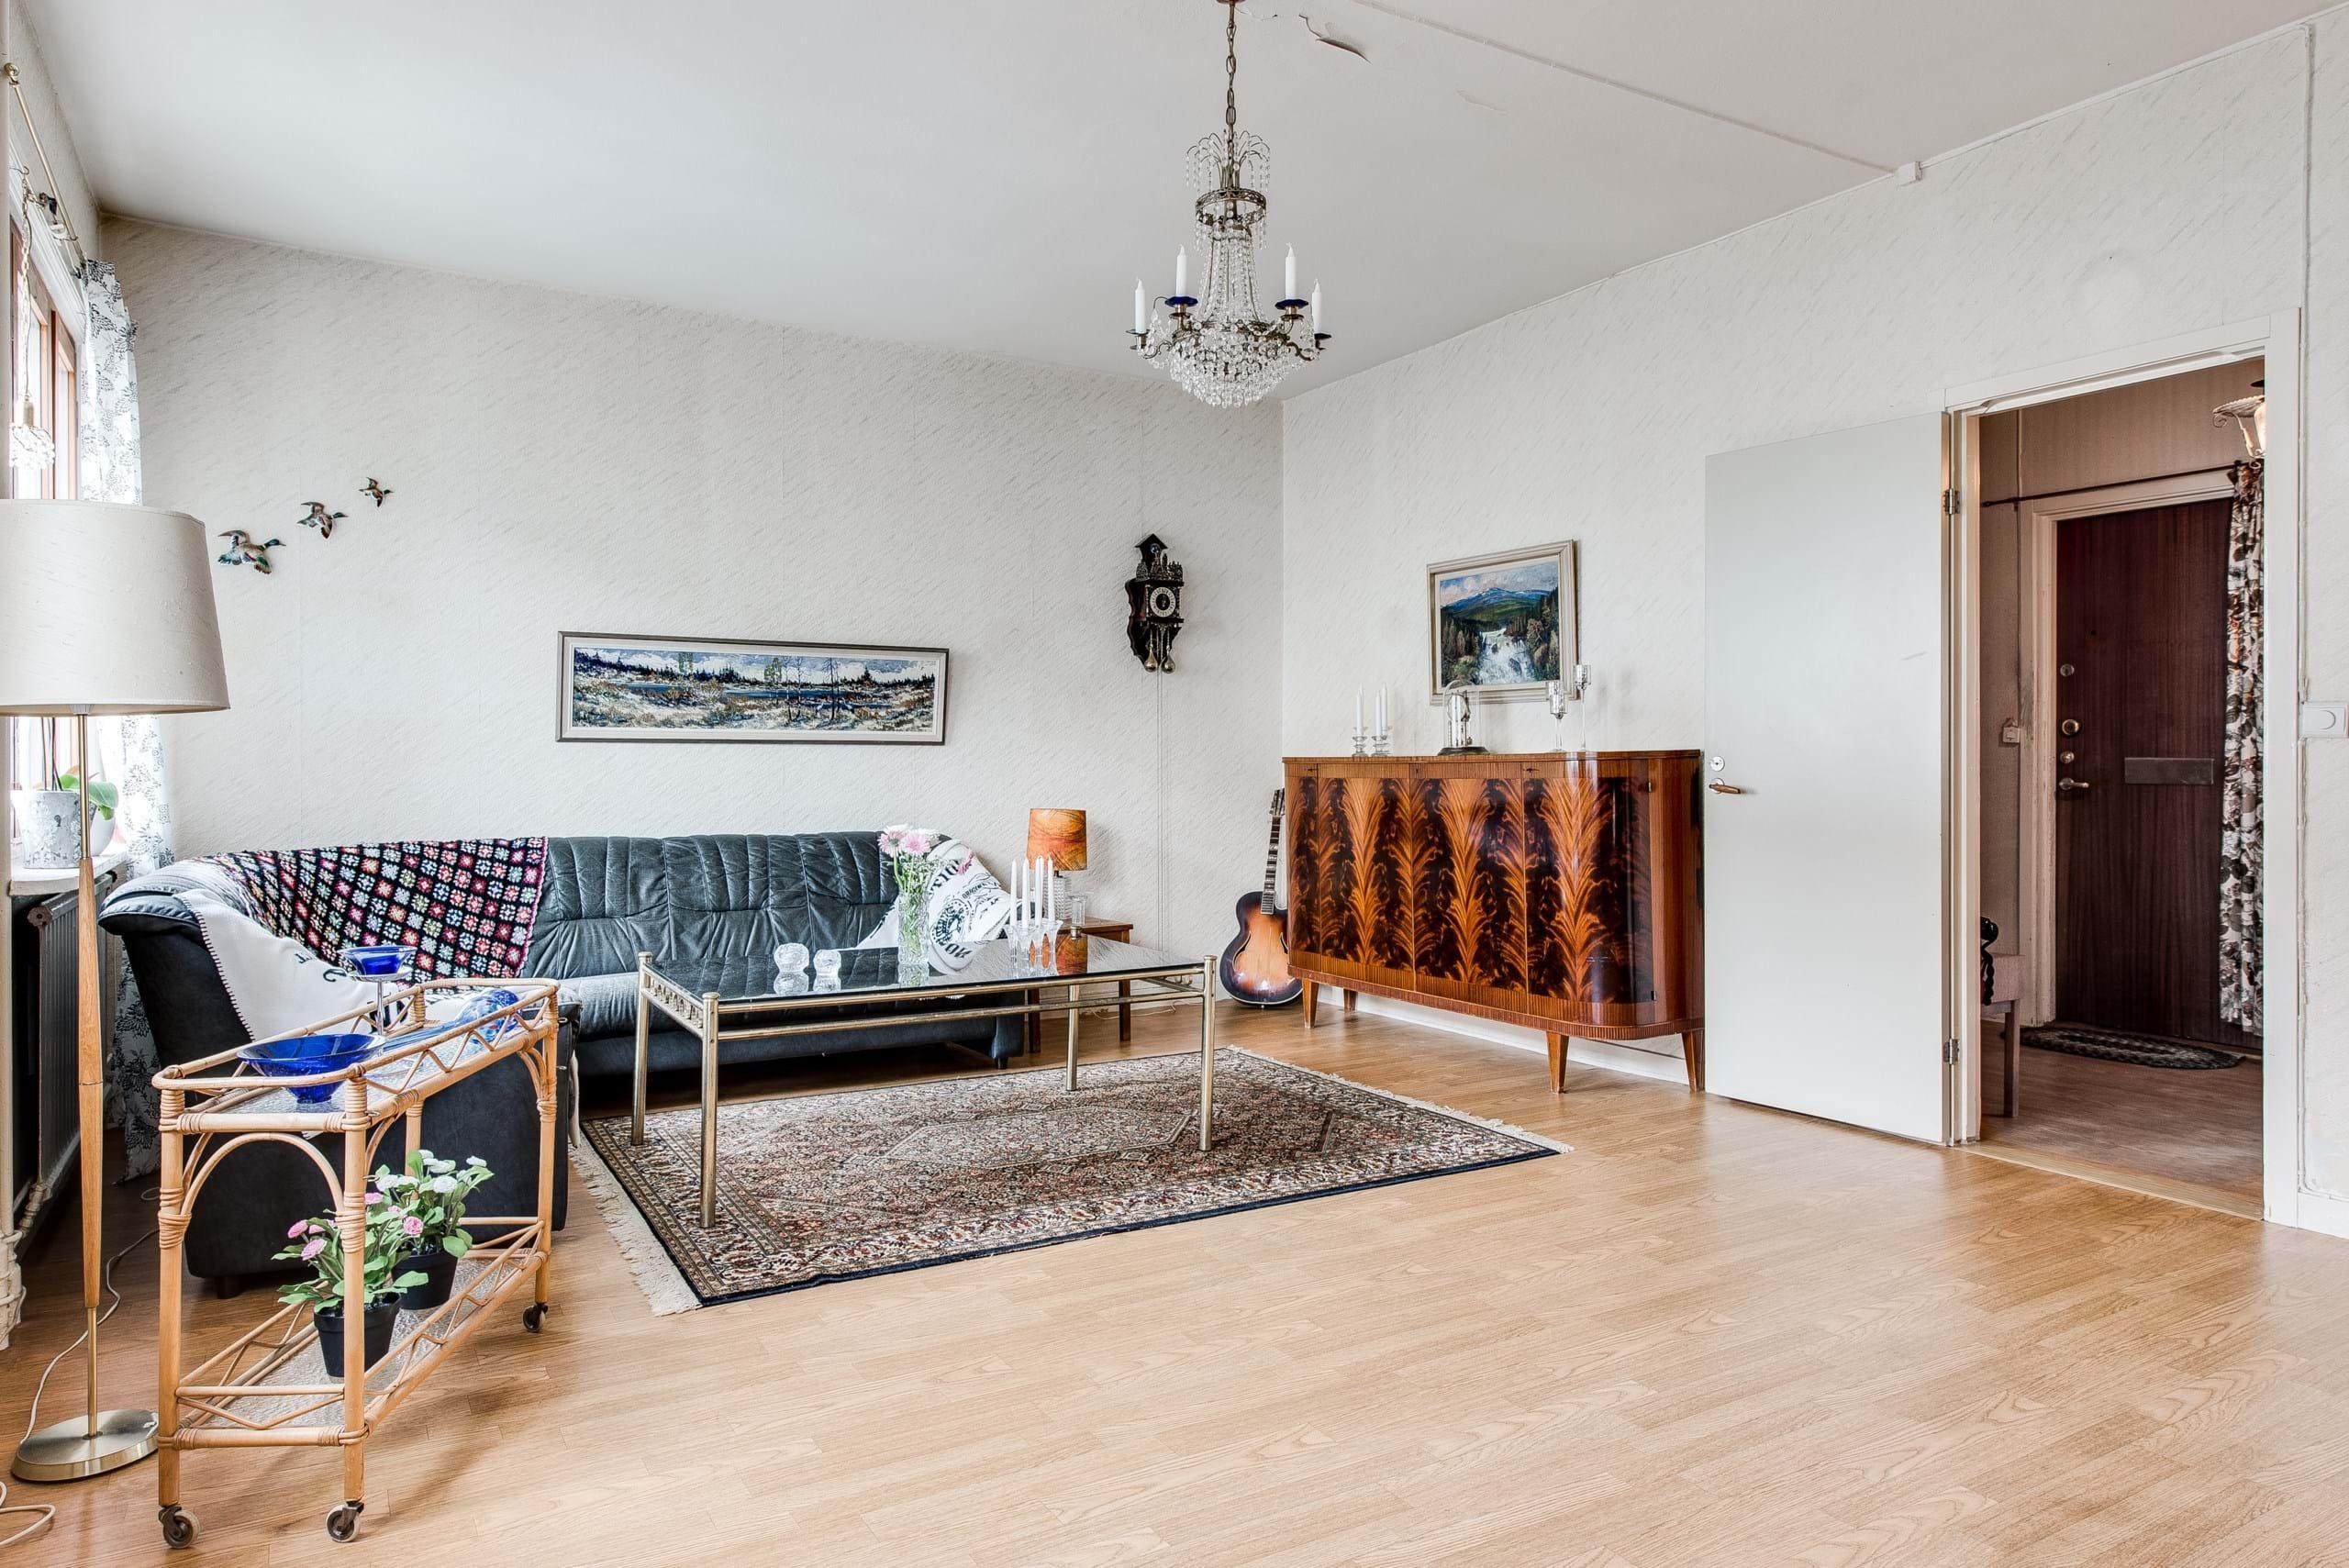 Helins fastighetsbyrÃ¥ – mäklare i göteborg